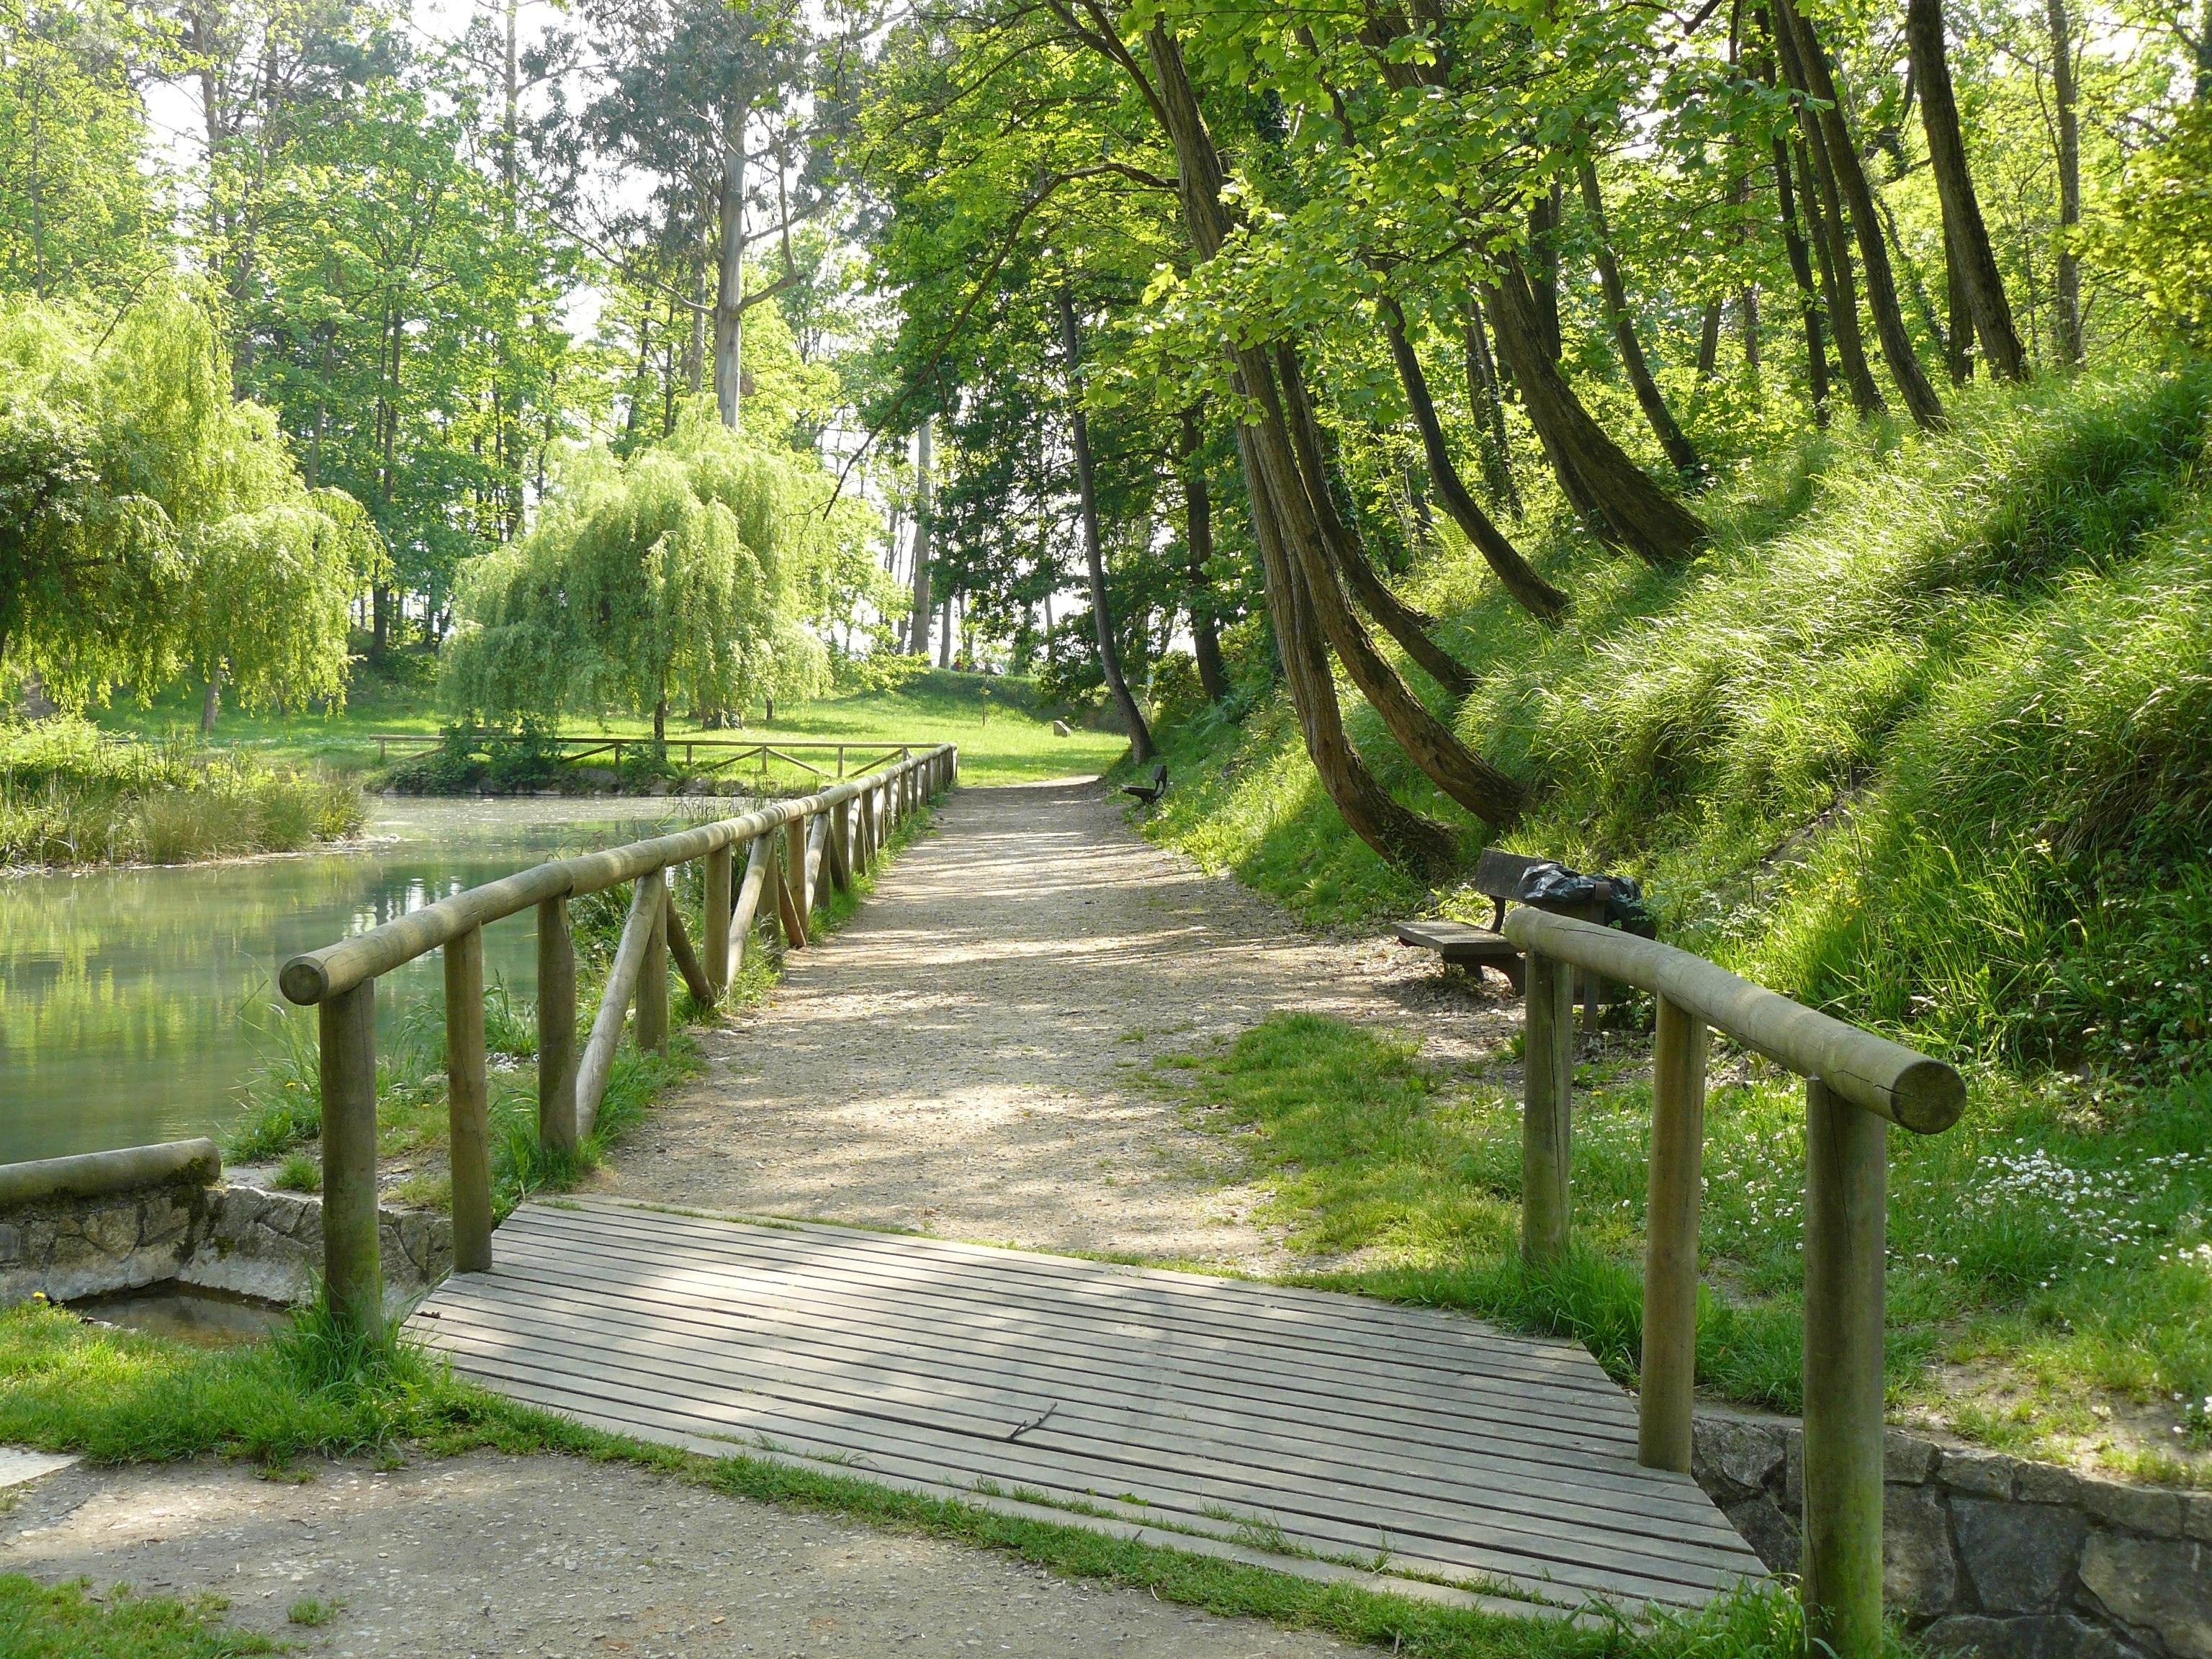 Siero, Asturias, Spain